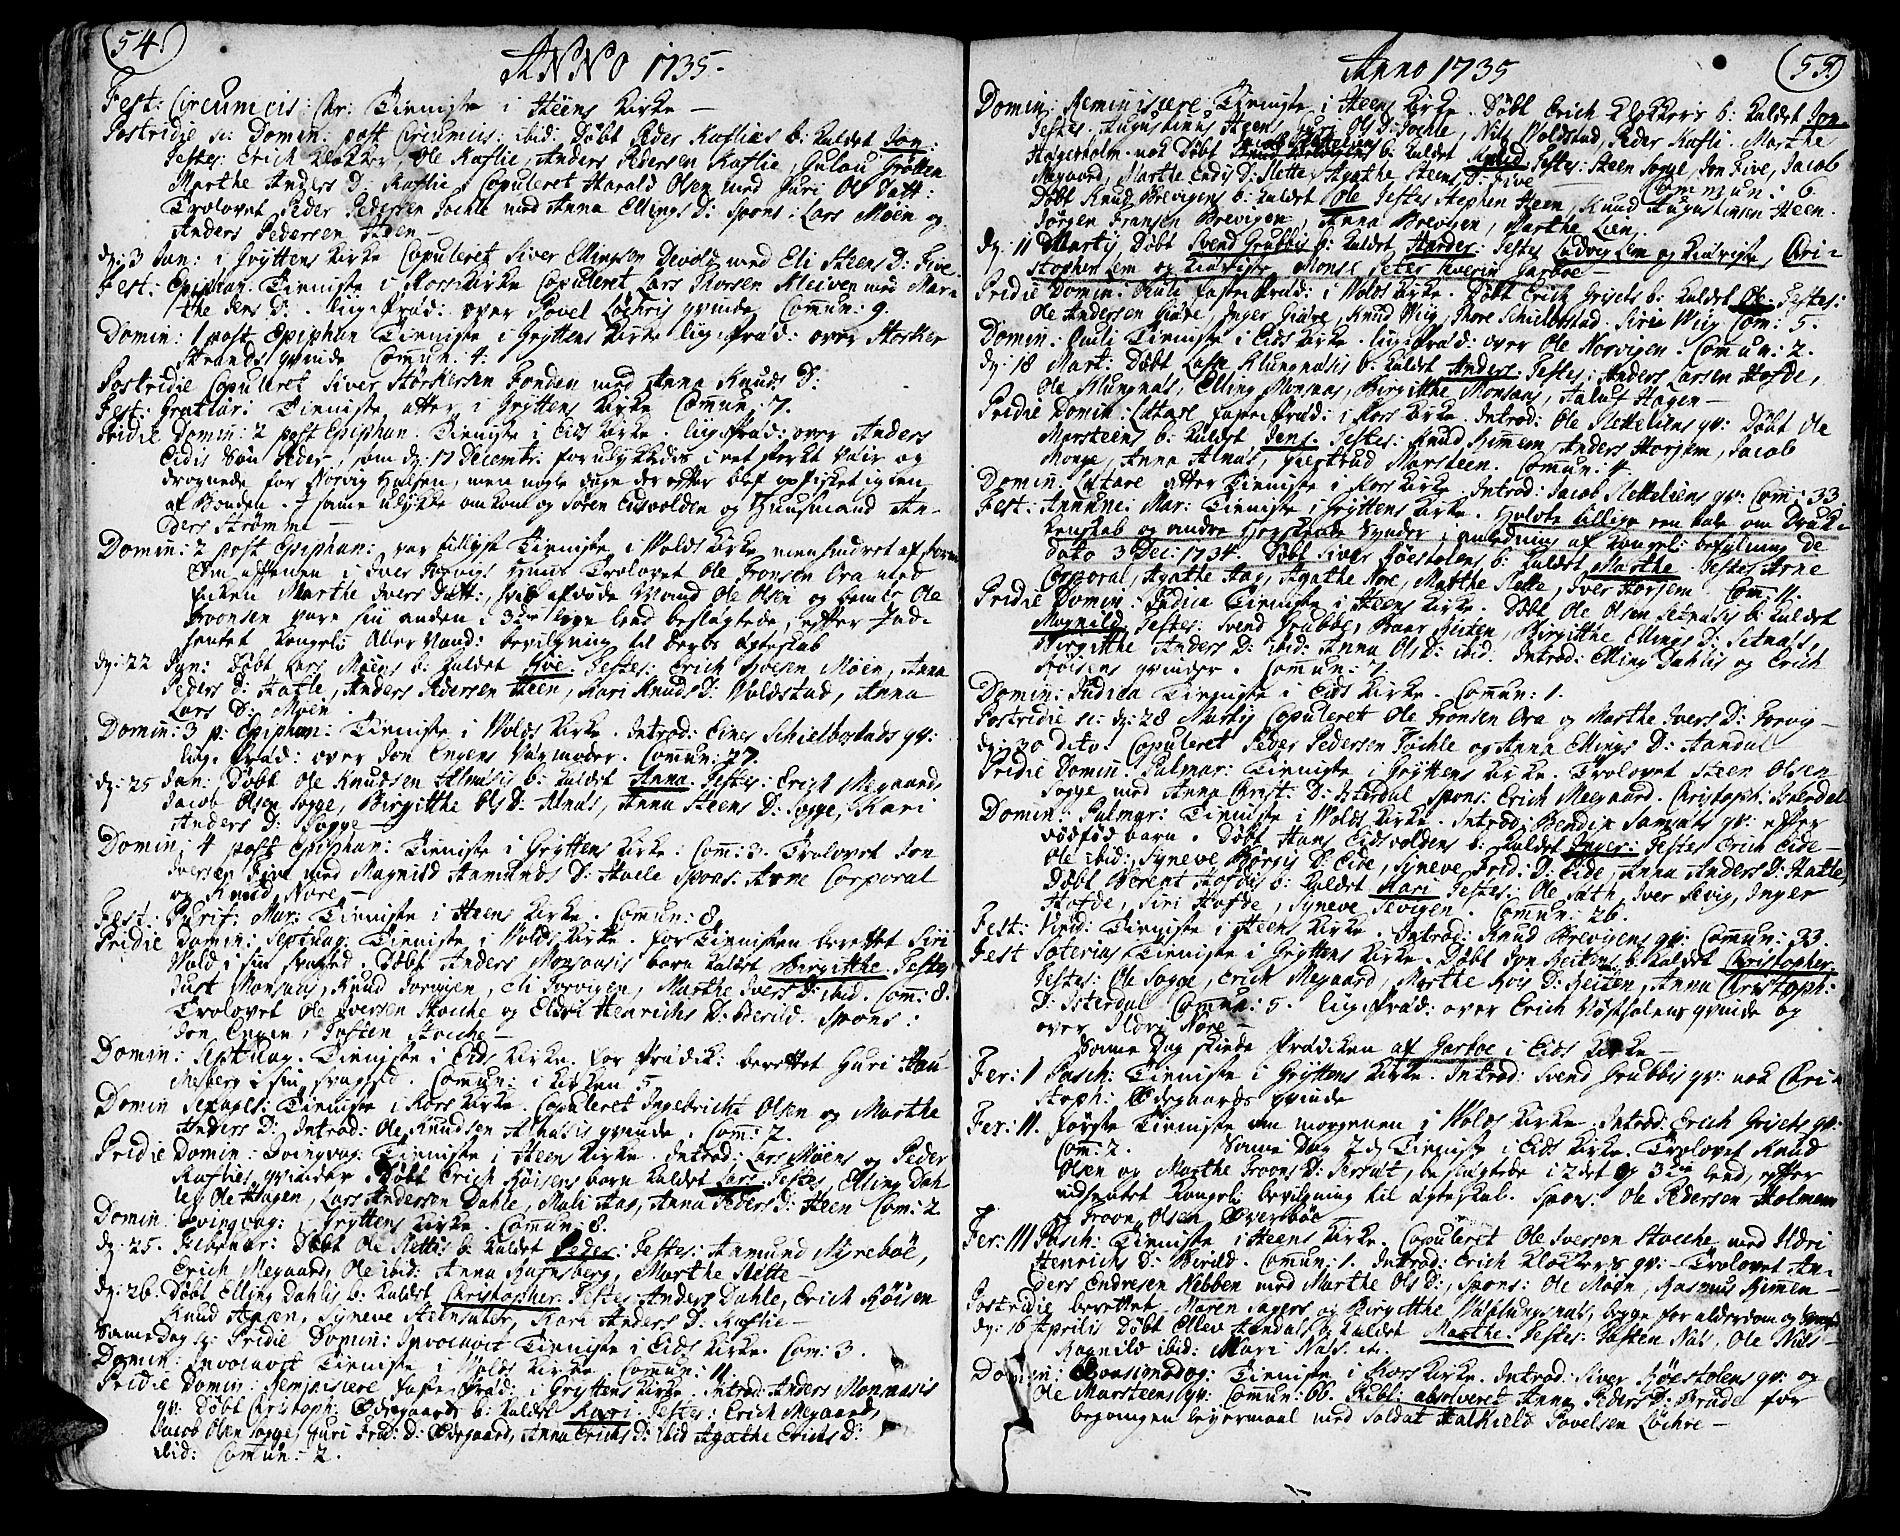 SAT, Ministerialprotokoller, klokkerbøker og fødselsregistre - Møre og Romsdal, 544/L0568: Ministerialbok nr. 544A01, 1725-1763, s. 54-55